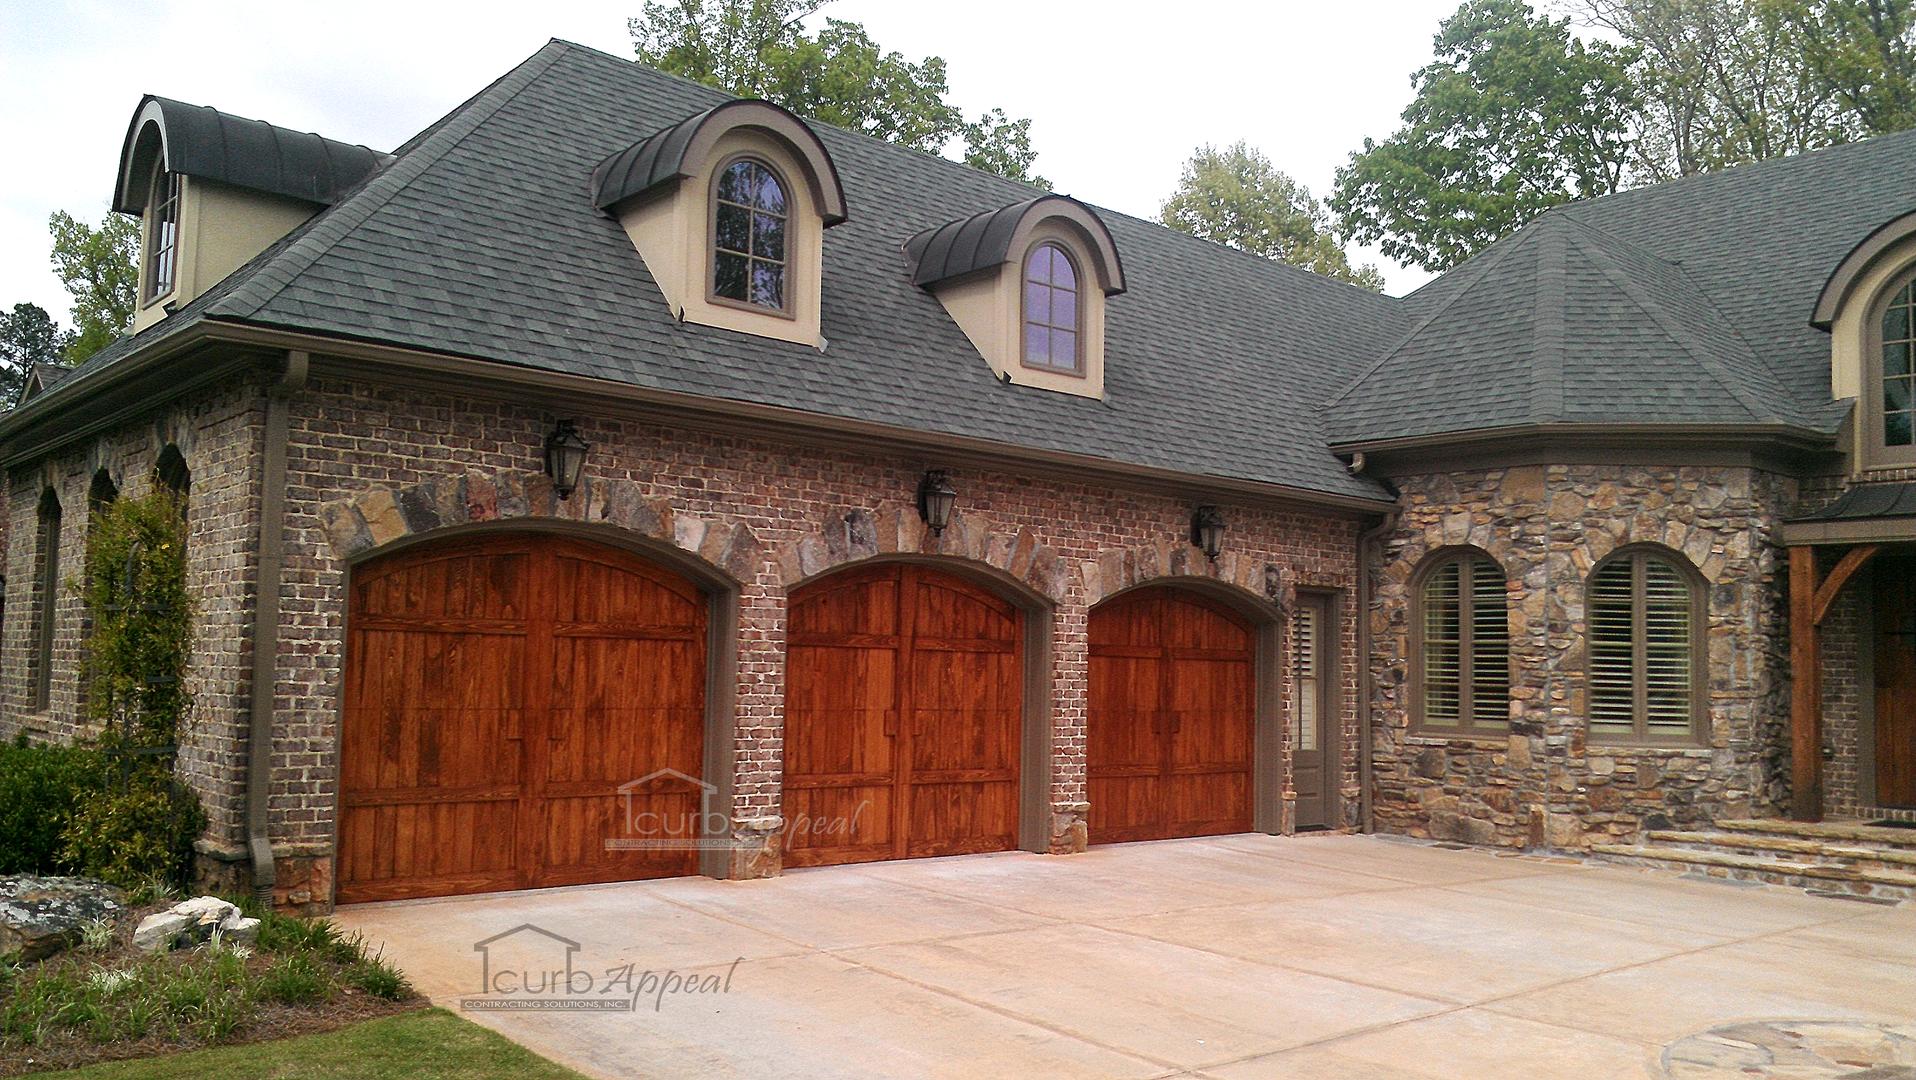 3 Cypress wood garage doors.